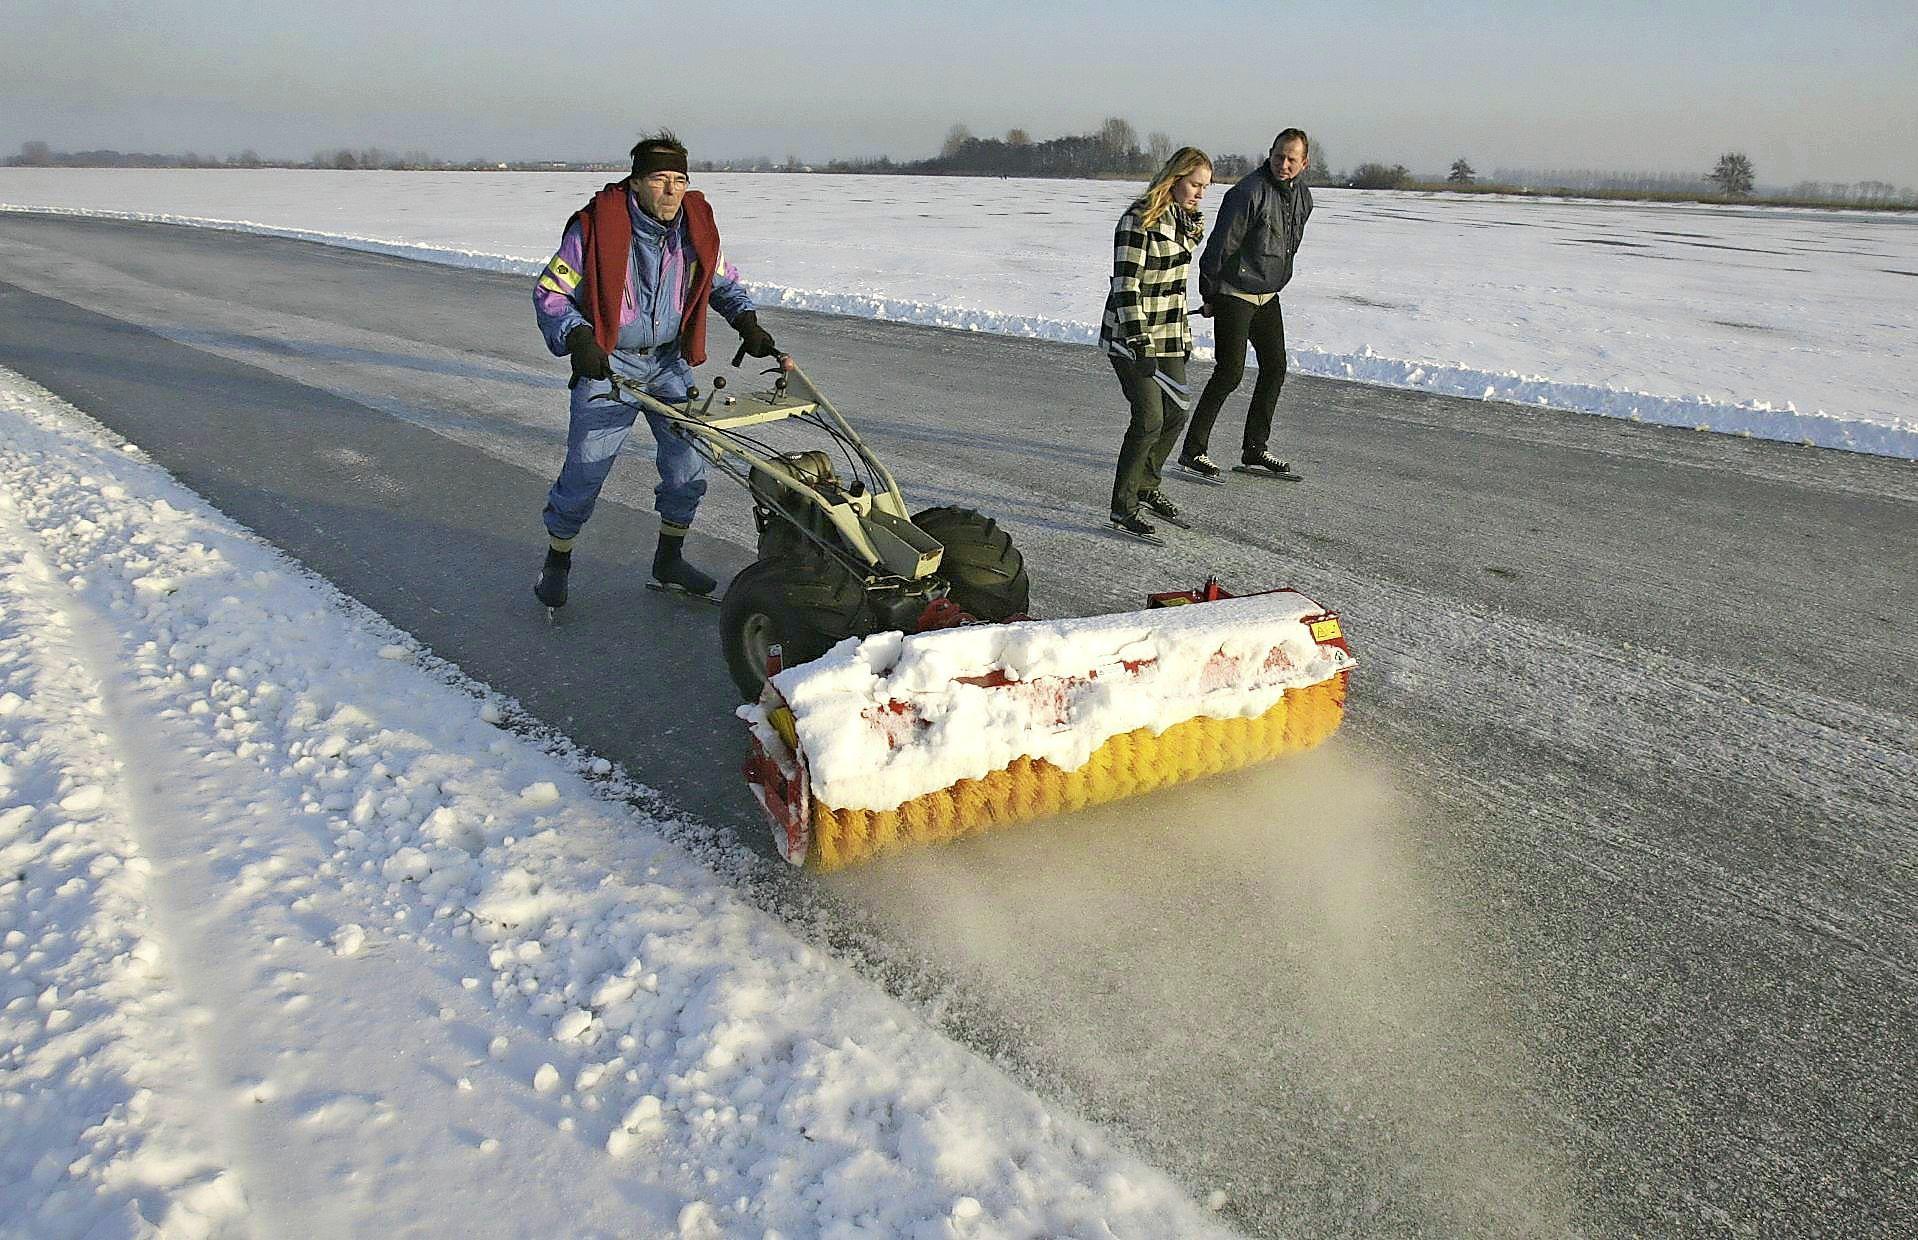 Liever niet met de auto naar een schaatsplek in de polder of bij plassen in Rijn- en Veenstreek